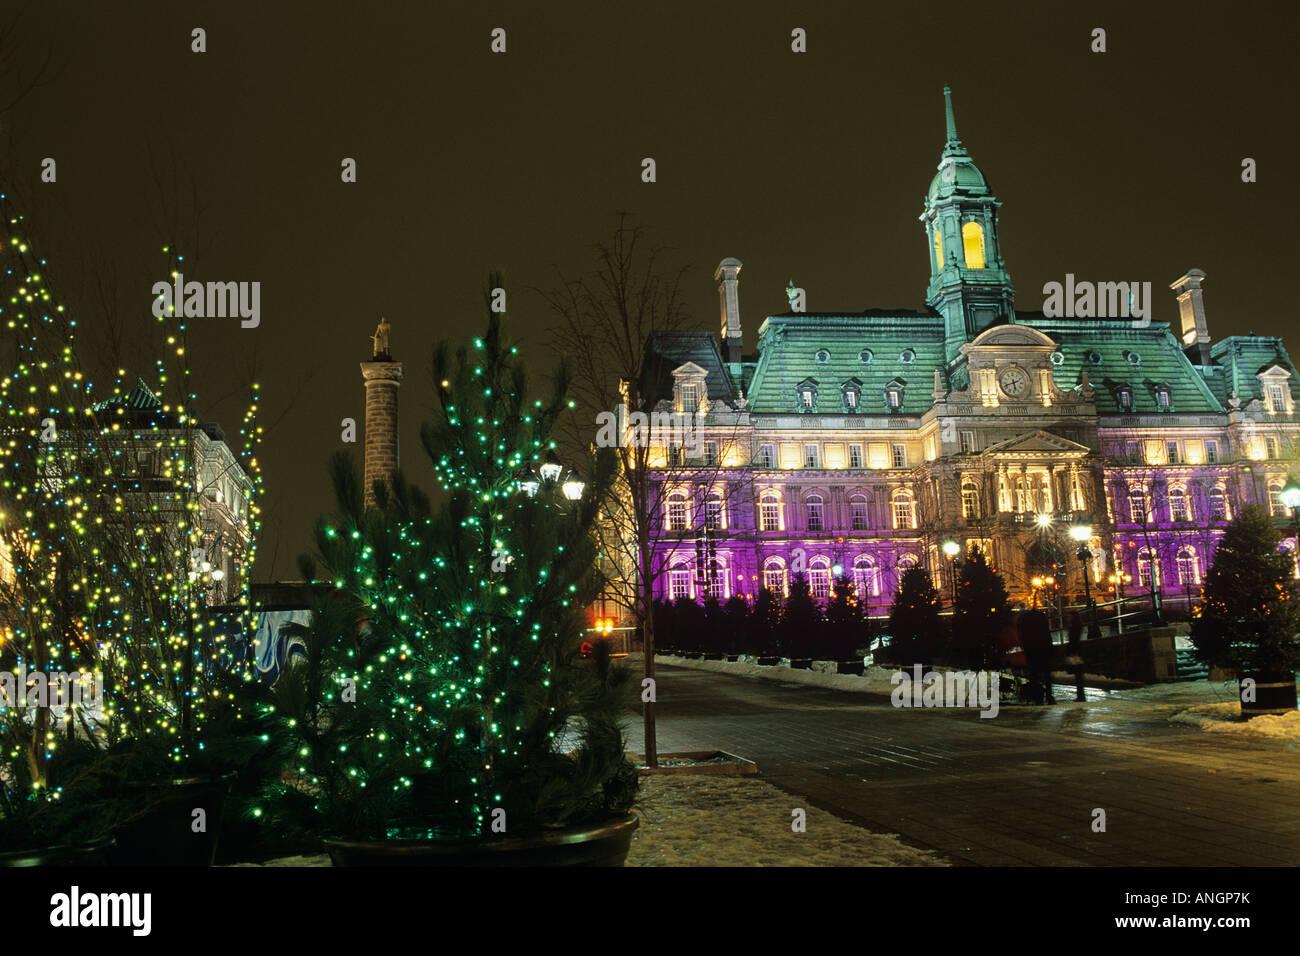 Montreal City Hall Christmas Stock Photos & Montreal City Hall ...